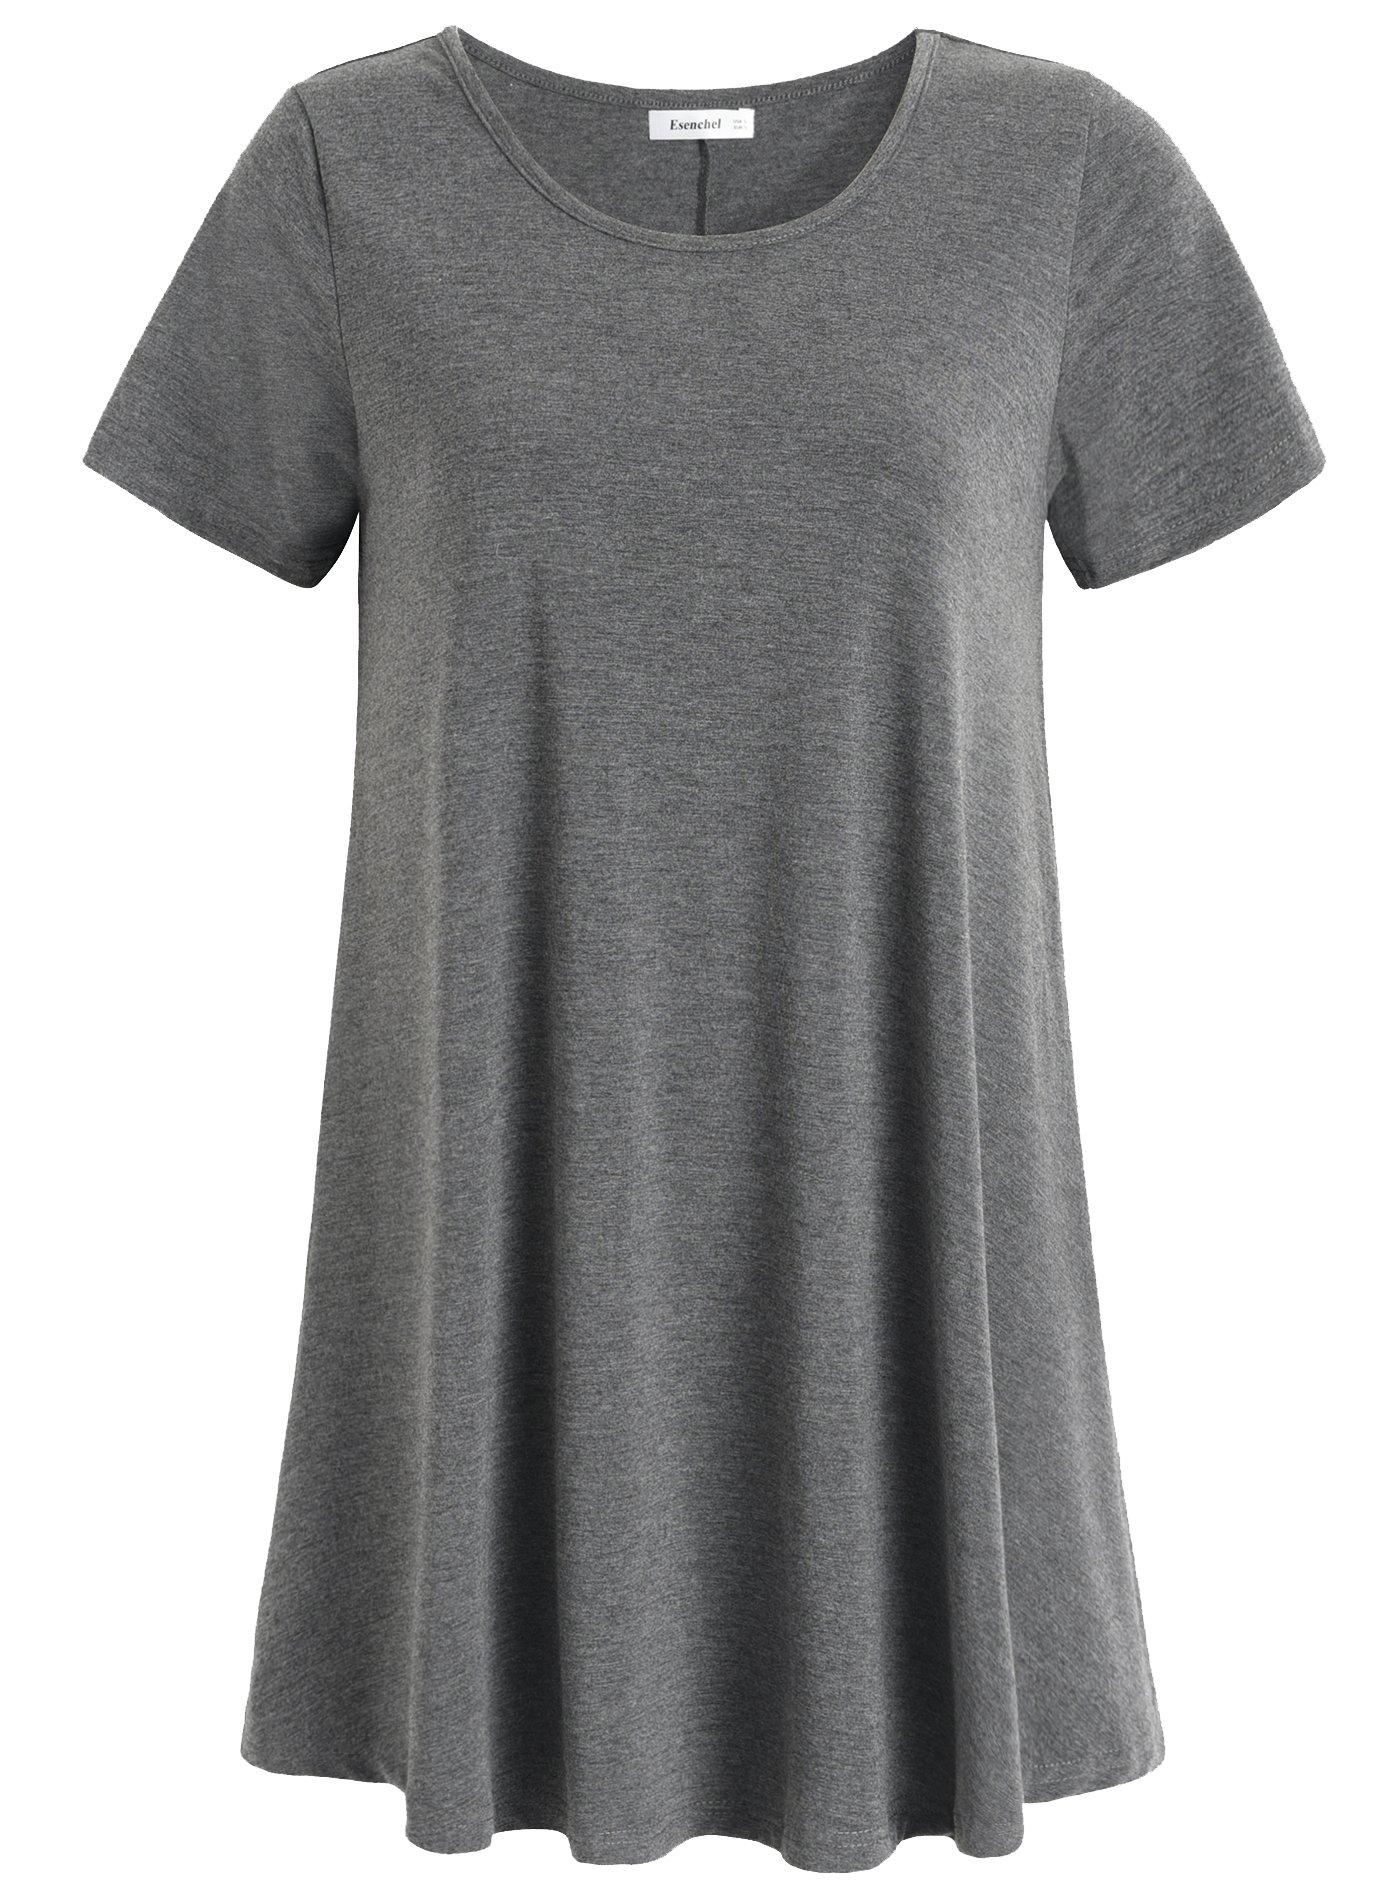 Esenchel Women's Tunic Top Casual T Shirt for Leggings 2X Deep Gray